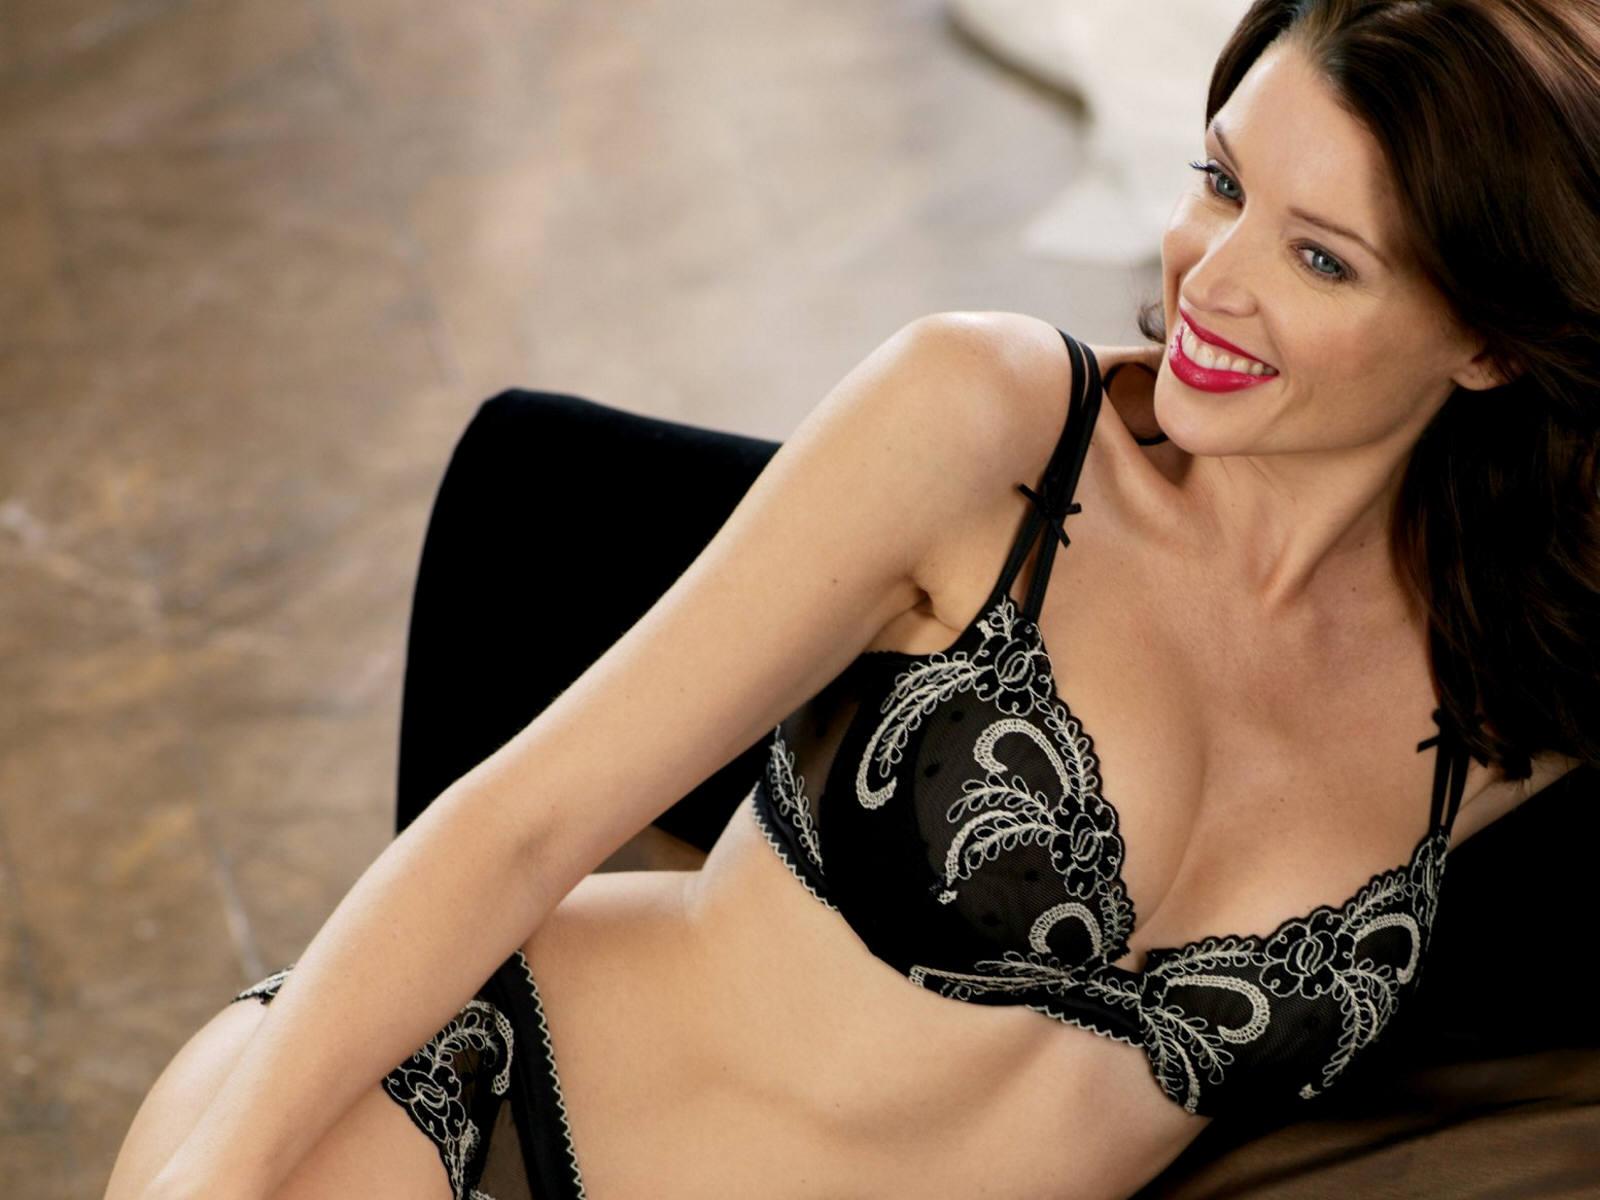 Dannii Minogue en lingerie de dentelle